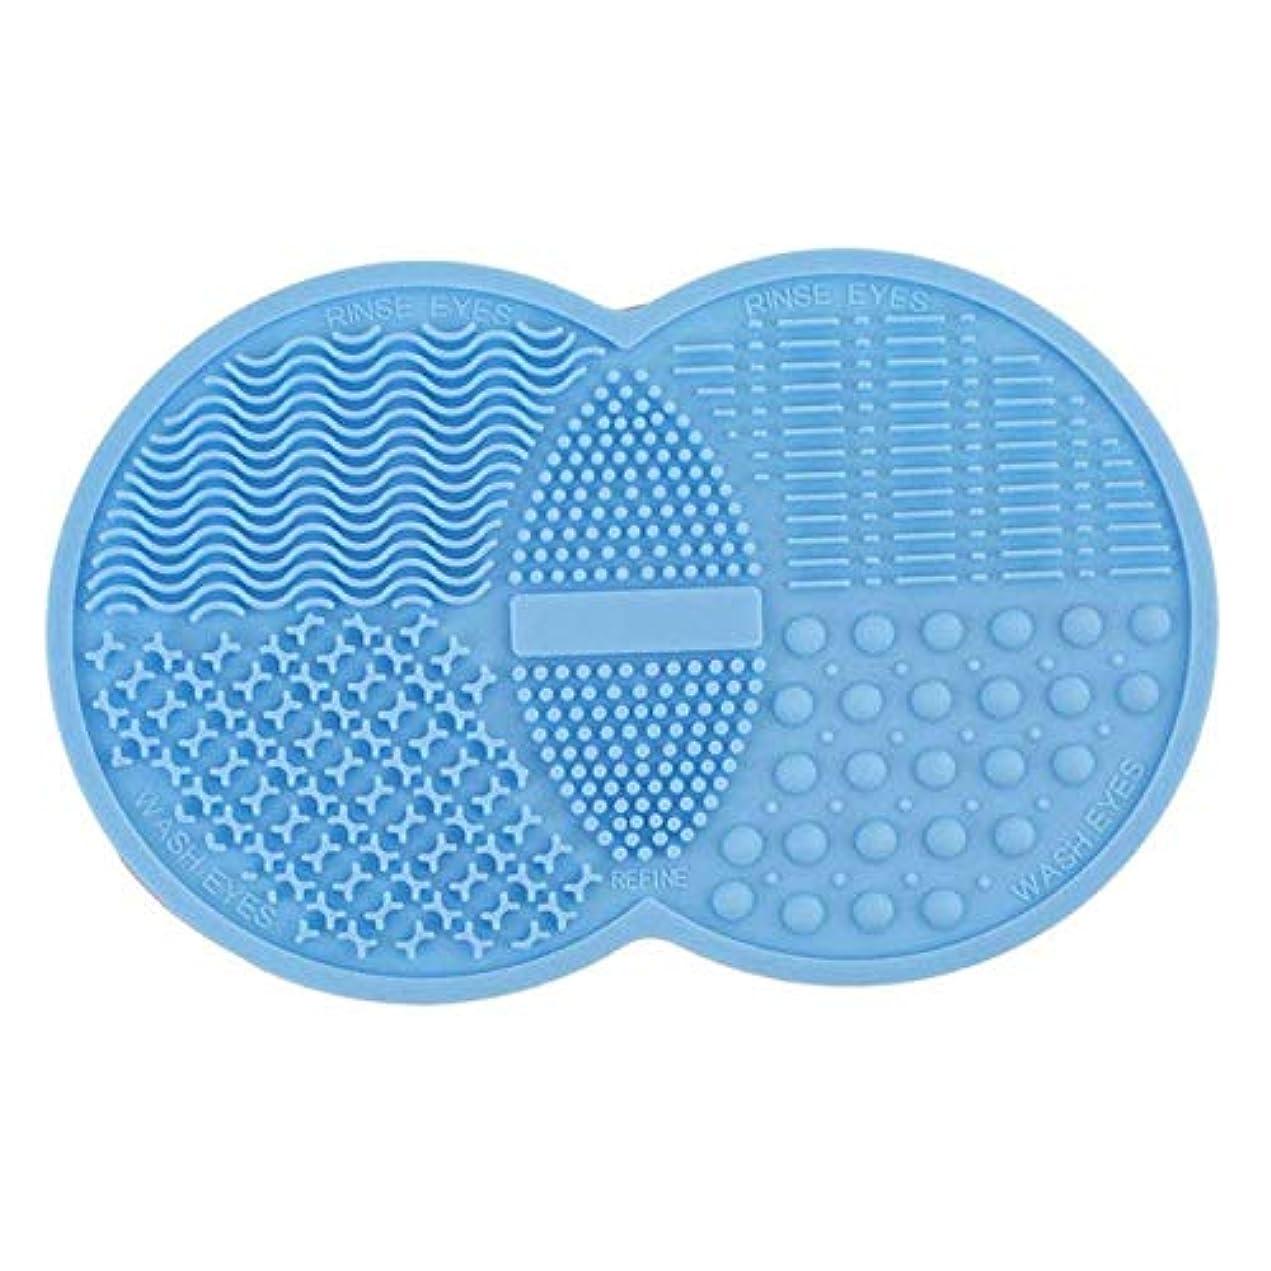 経験的機関お手伝いさんPichidr-JP 化粧ブラシクリーニングマット家庭用と旅行用サクションカップ付きポータブル洗浄ツールスクラバー(ブルー)